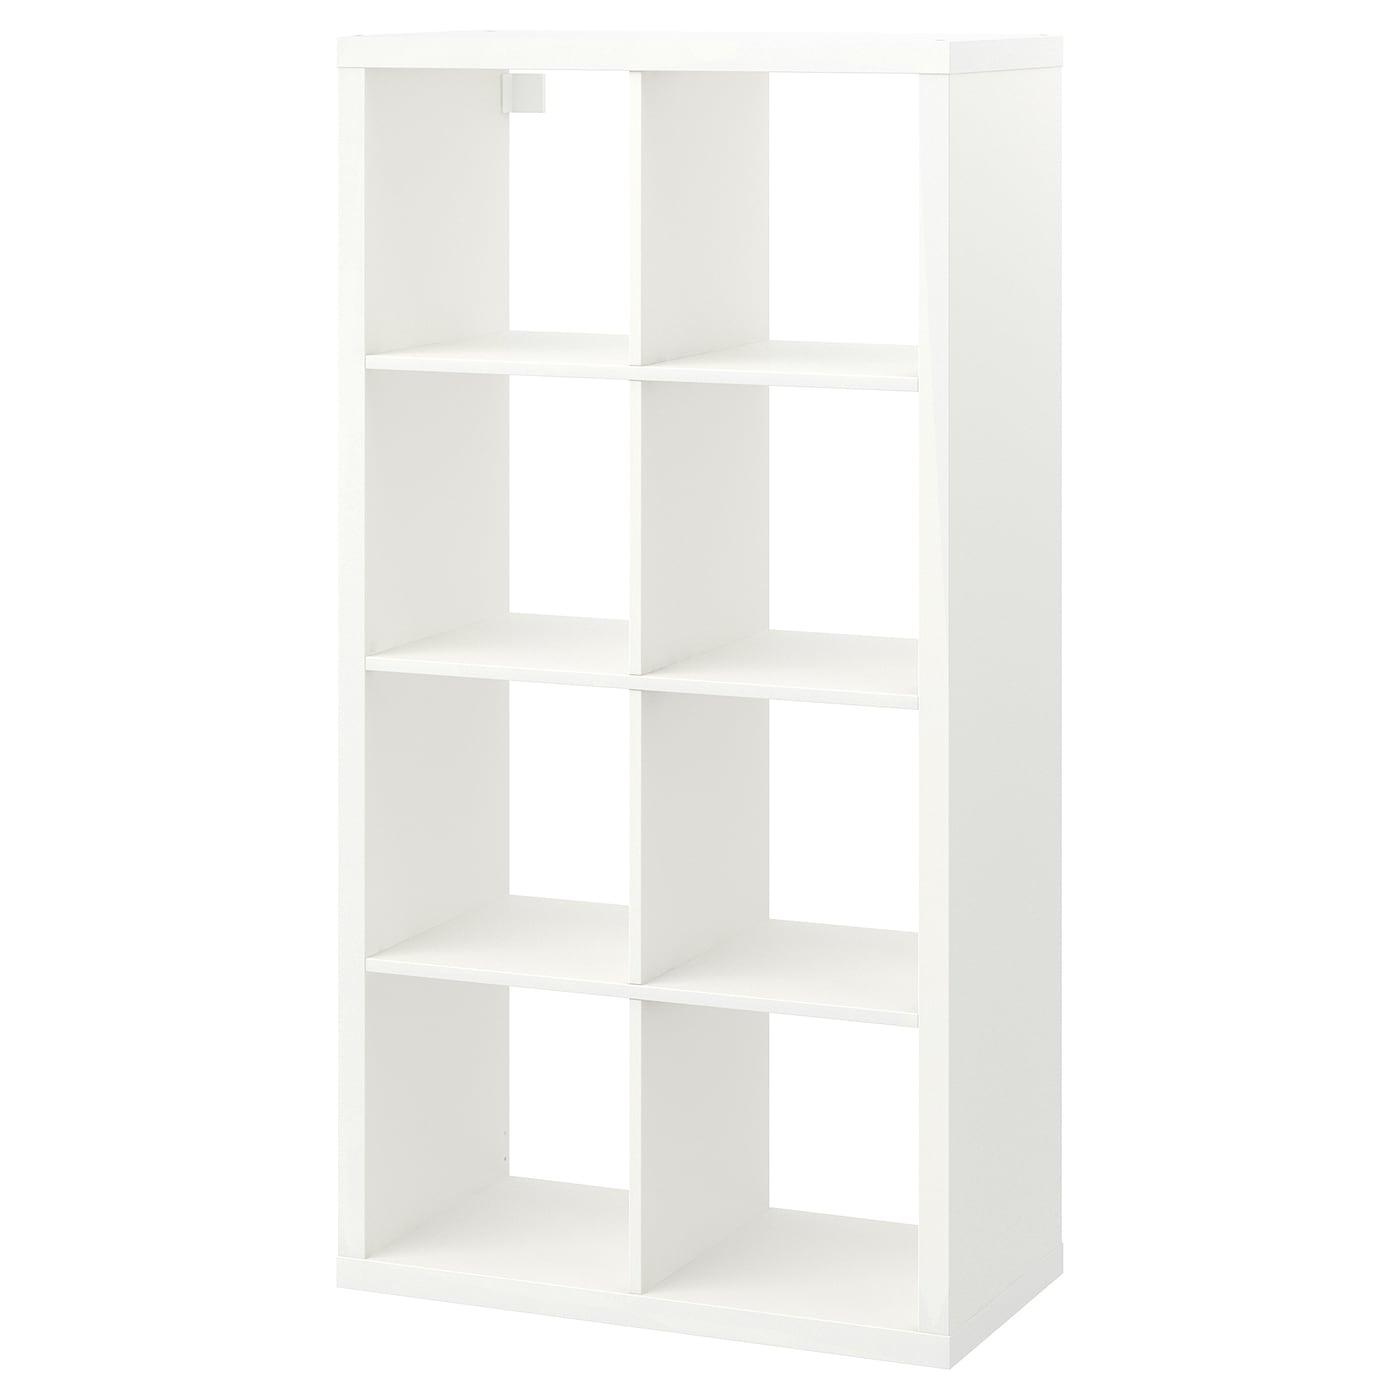 accesorios para estanterias ikea